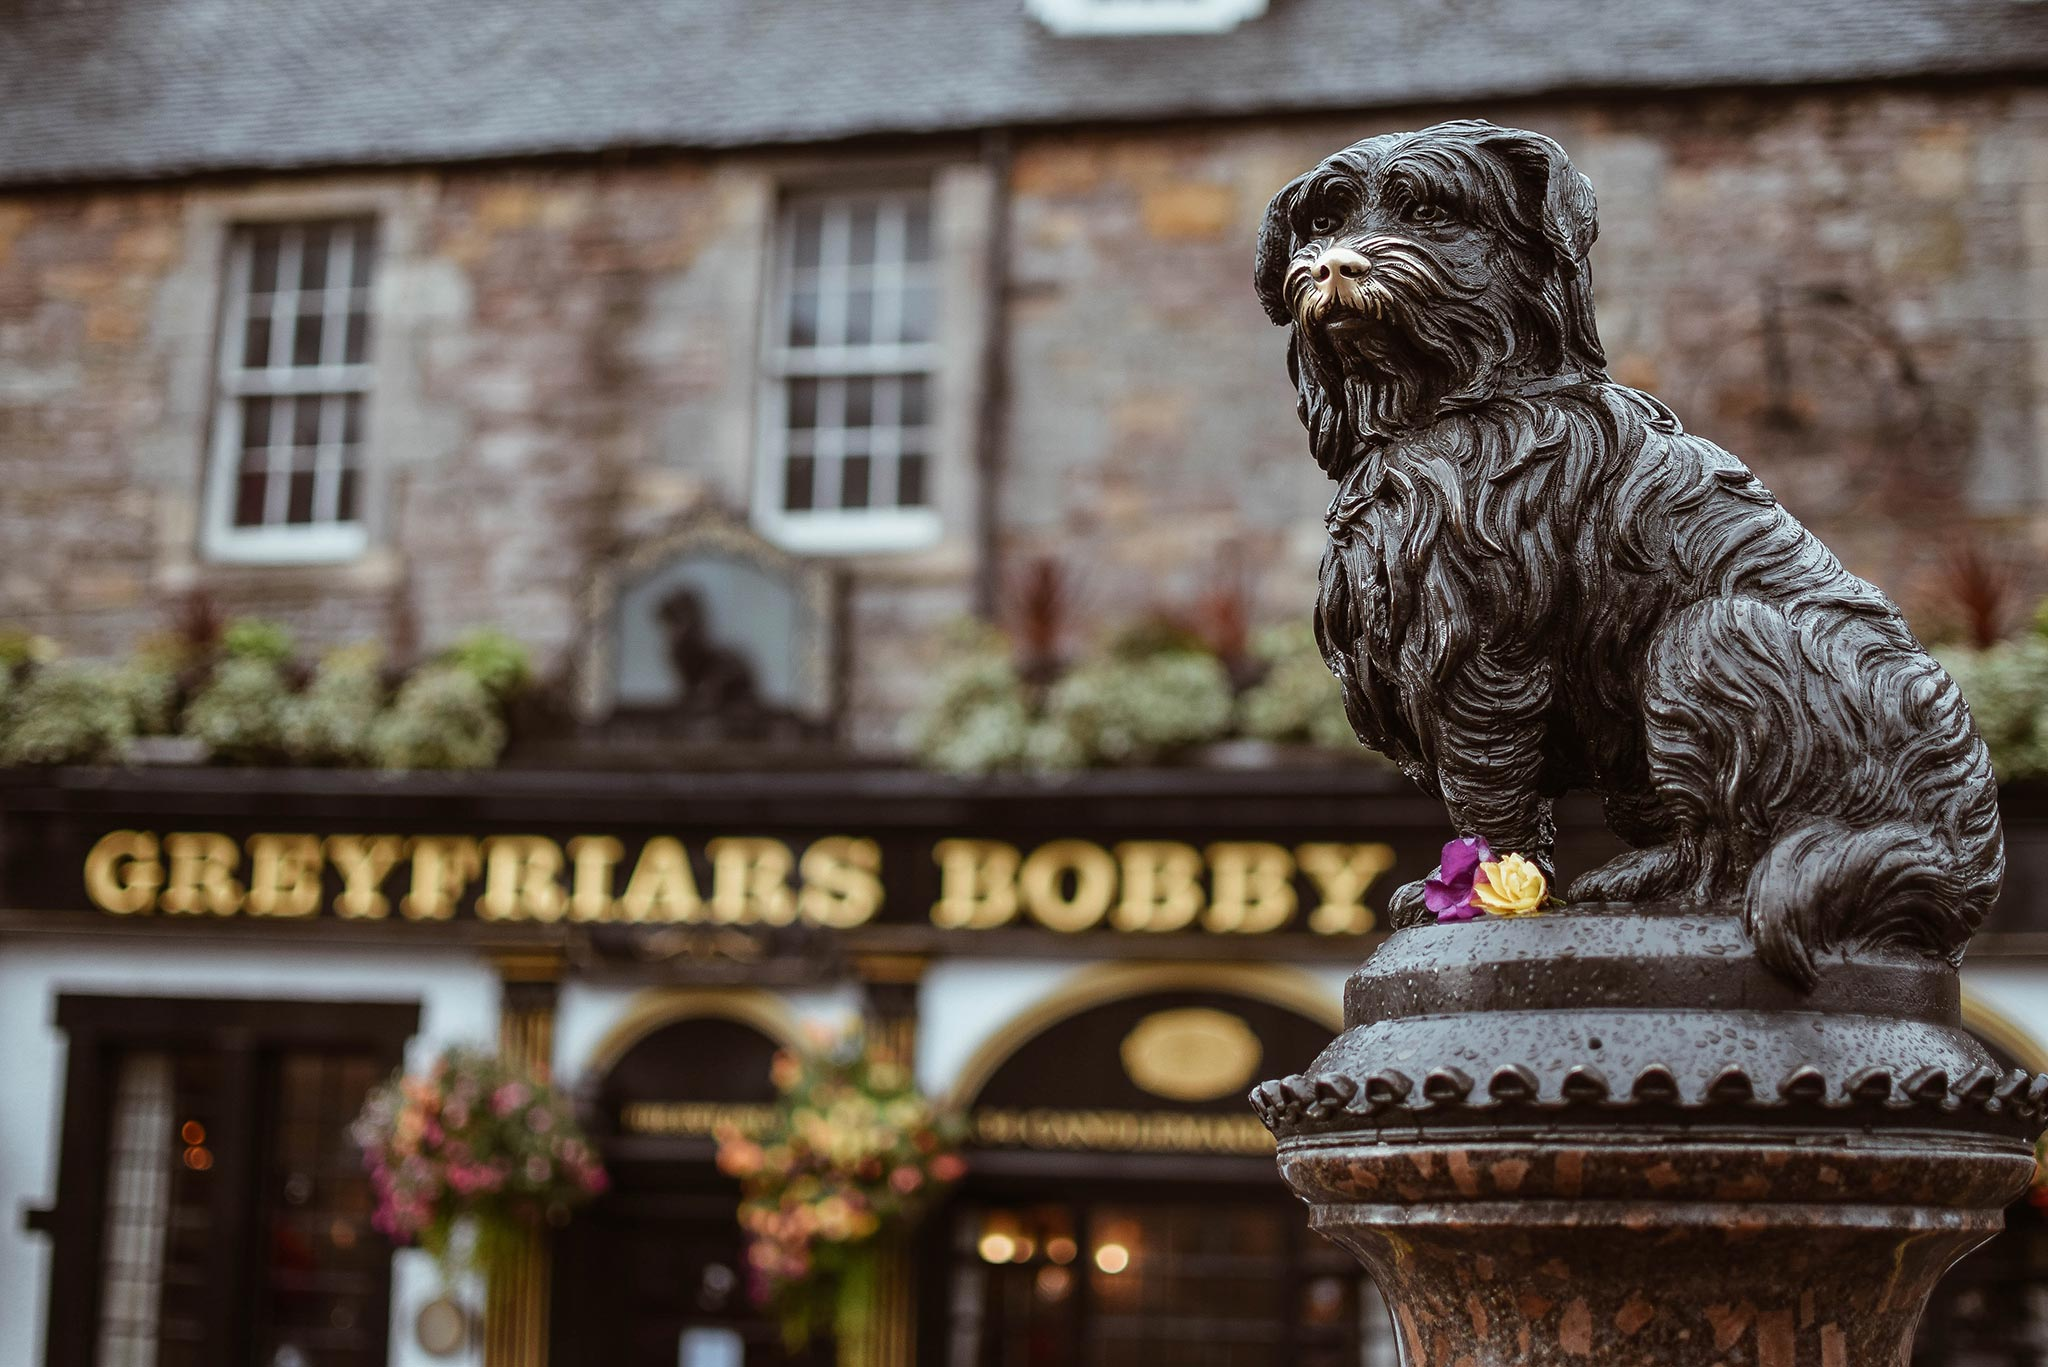 Greyfriars Bobby, kuva: Jamie Wheeler, Unsplash